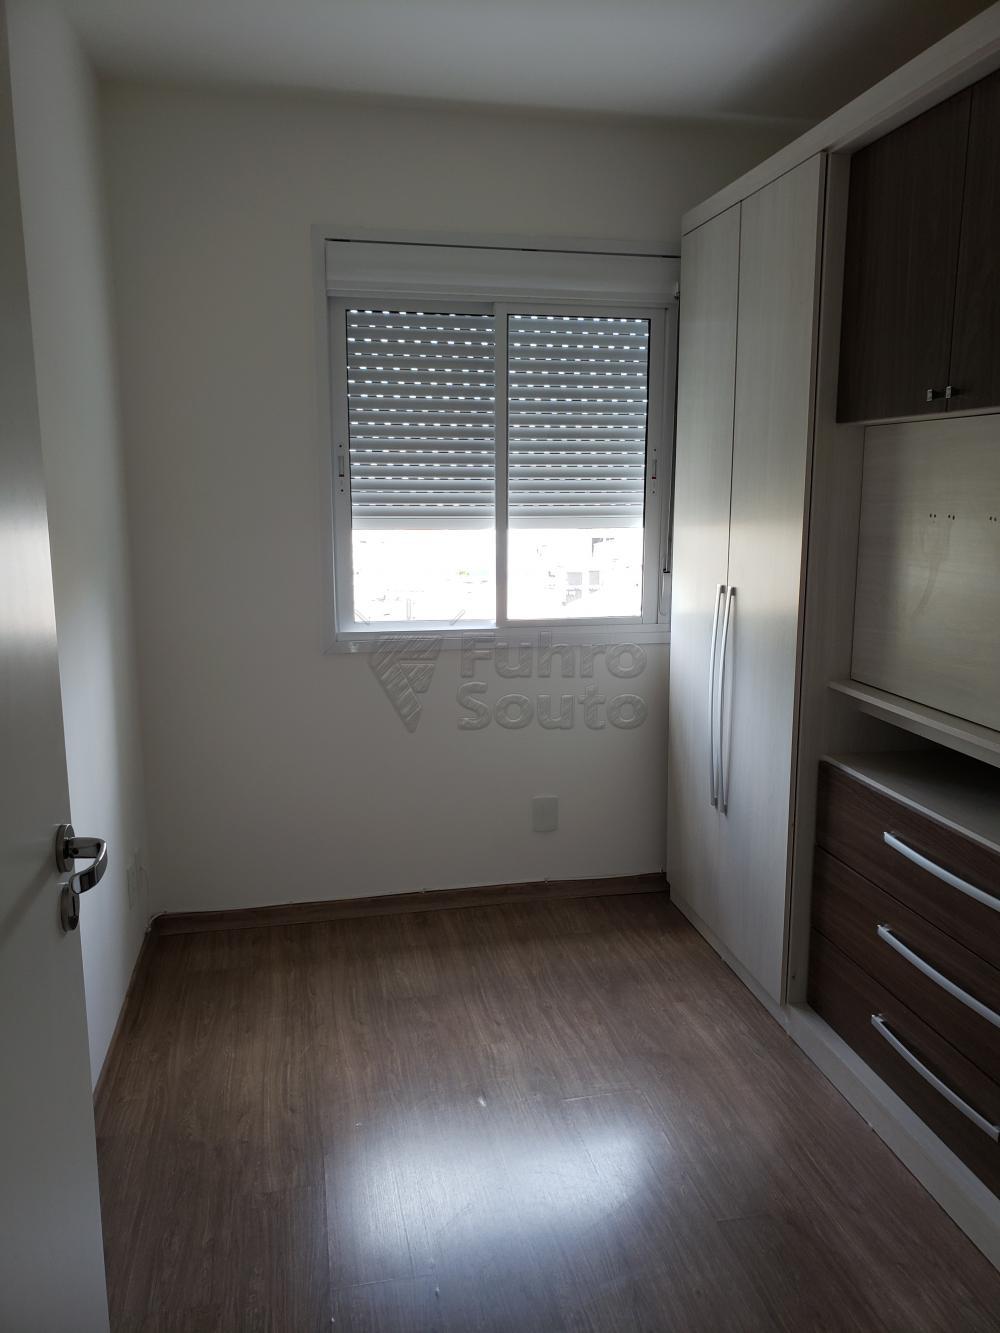 Comprar Apartamento / Padrão em Pelotas R$ 339.000,00 - Foto 11